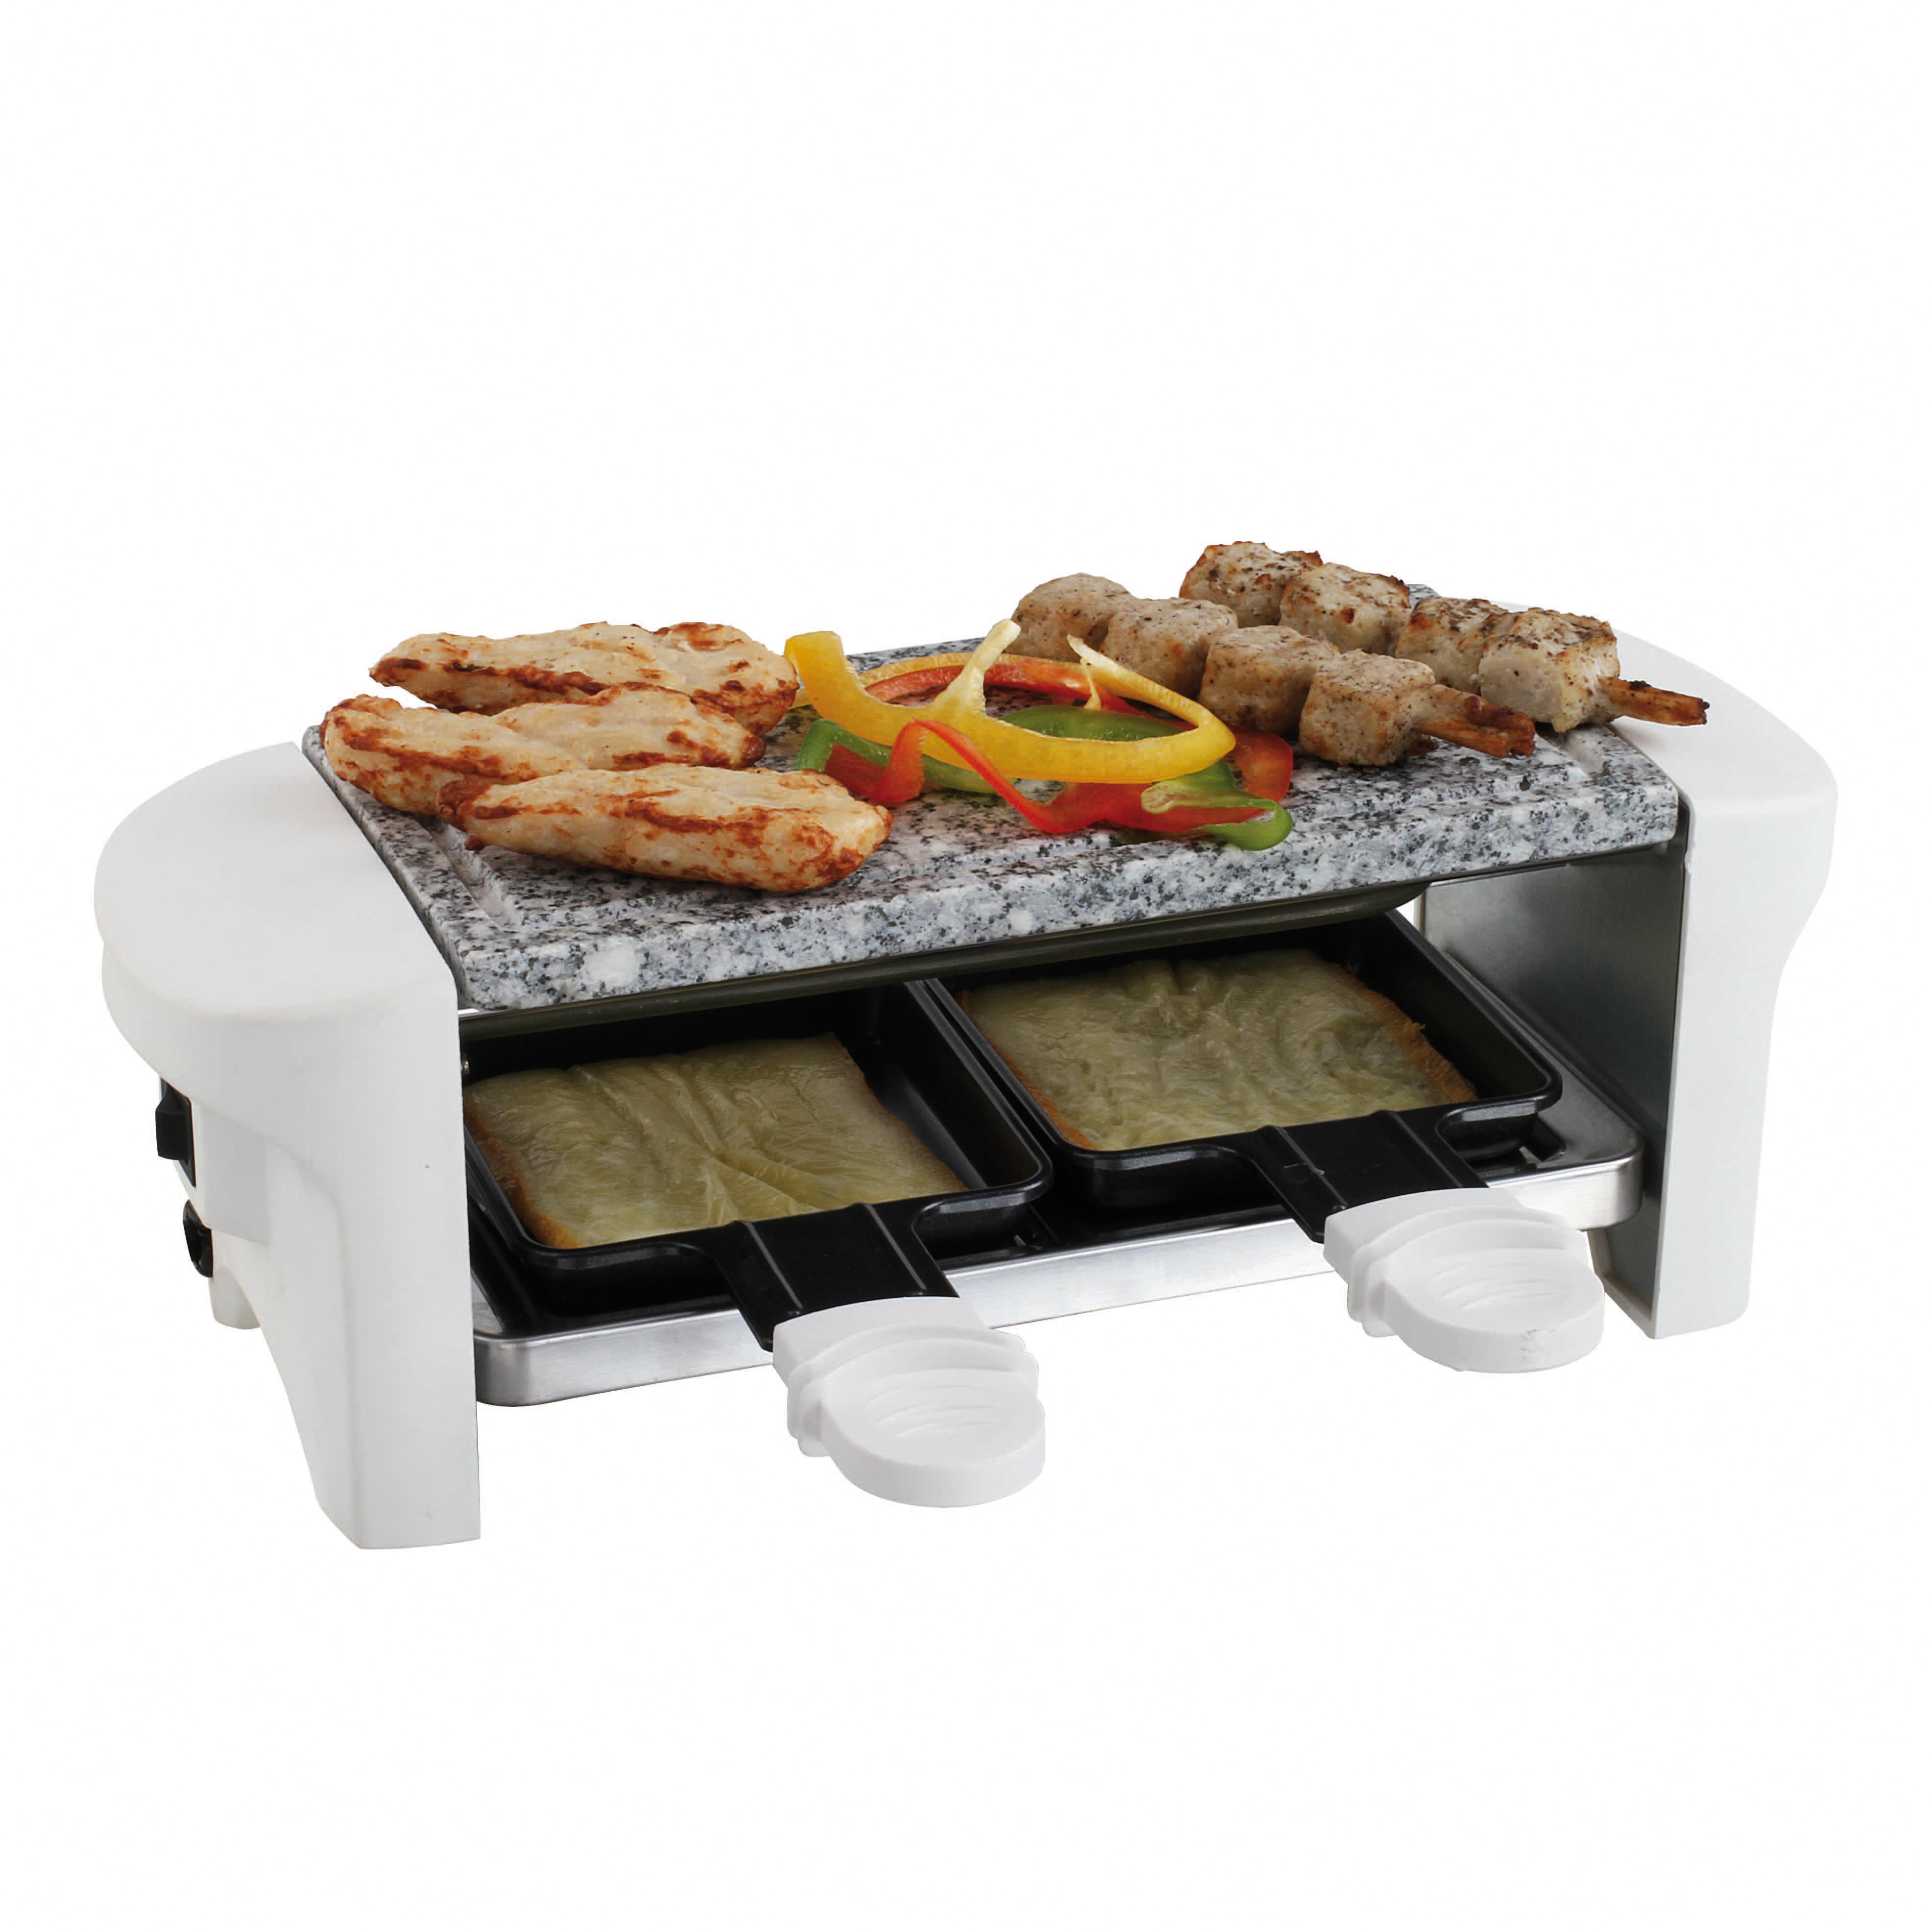 Domoclip appareil raclette blanc 2 personnes doc156w achat raclette cr pi re - Appareil a pizza tefal ...